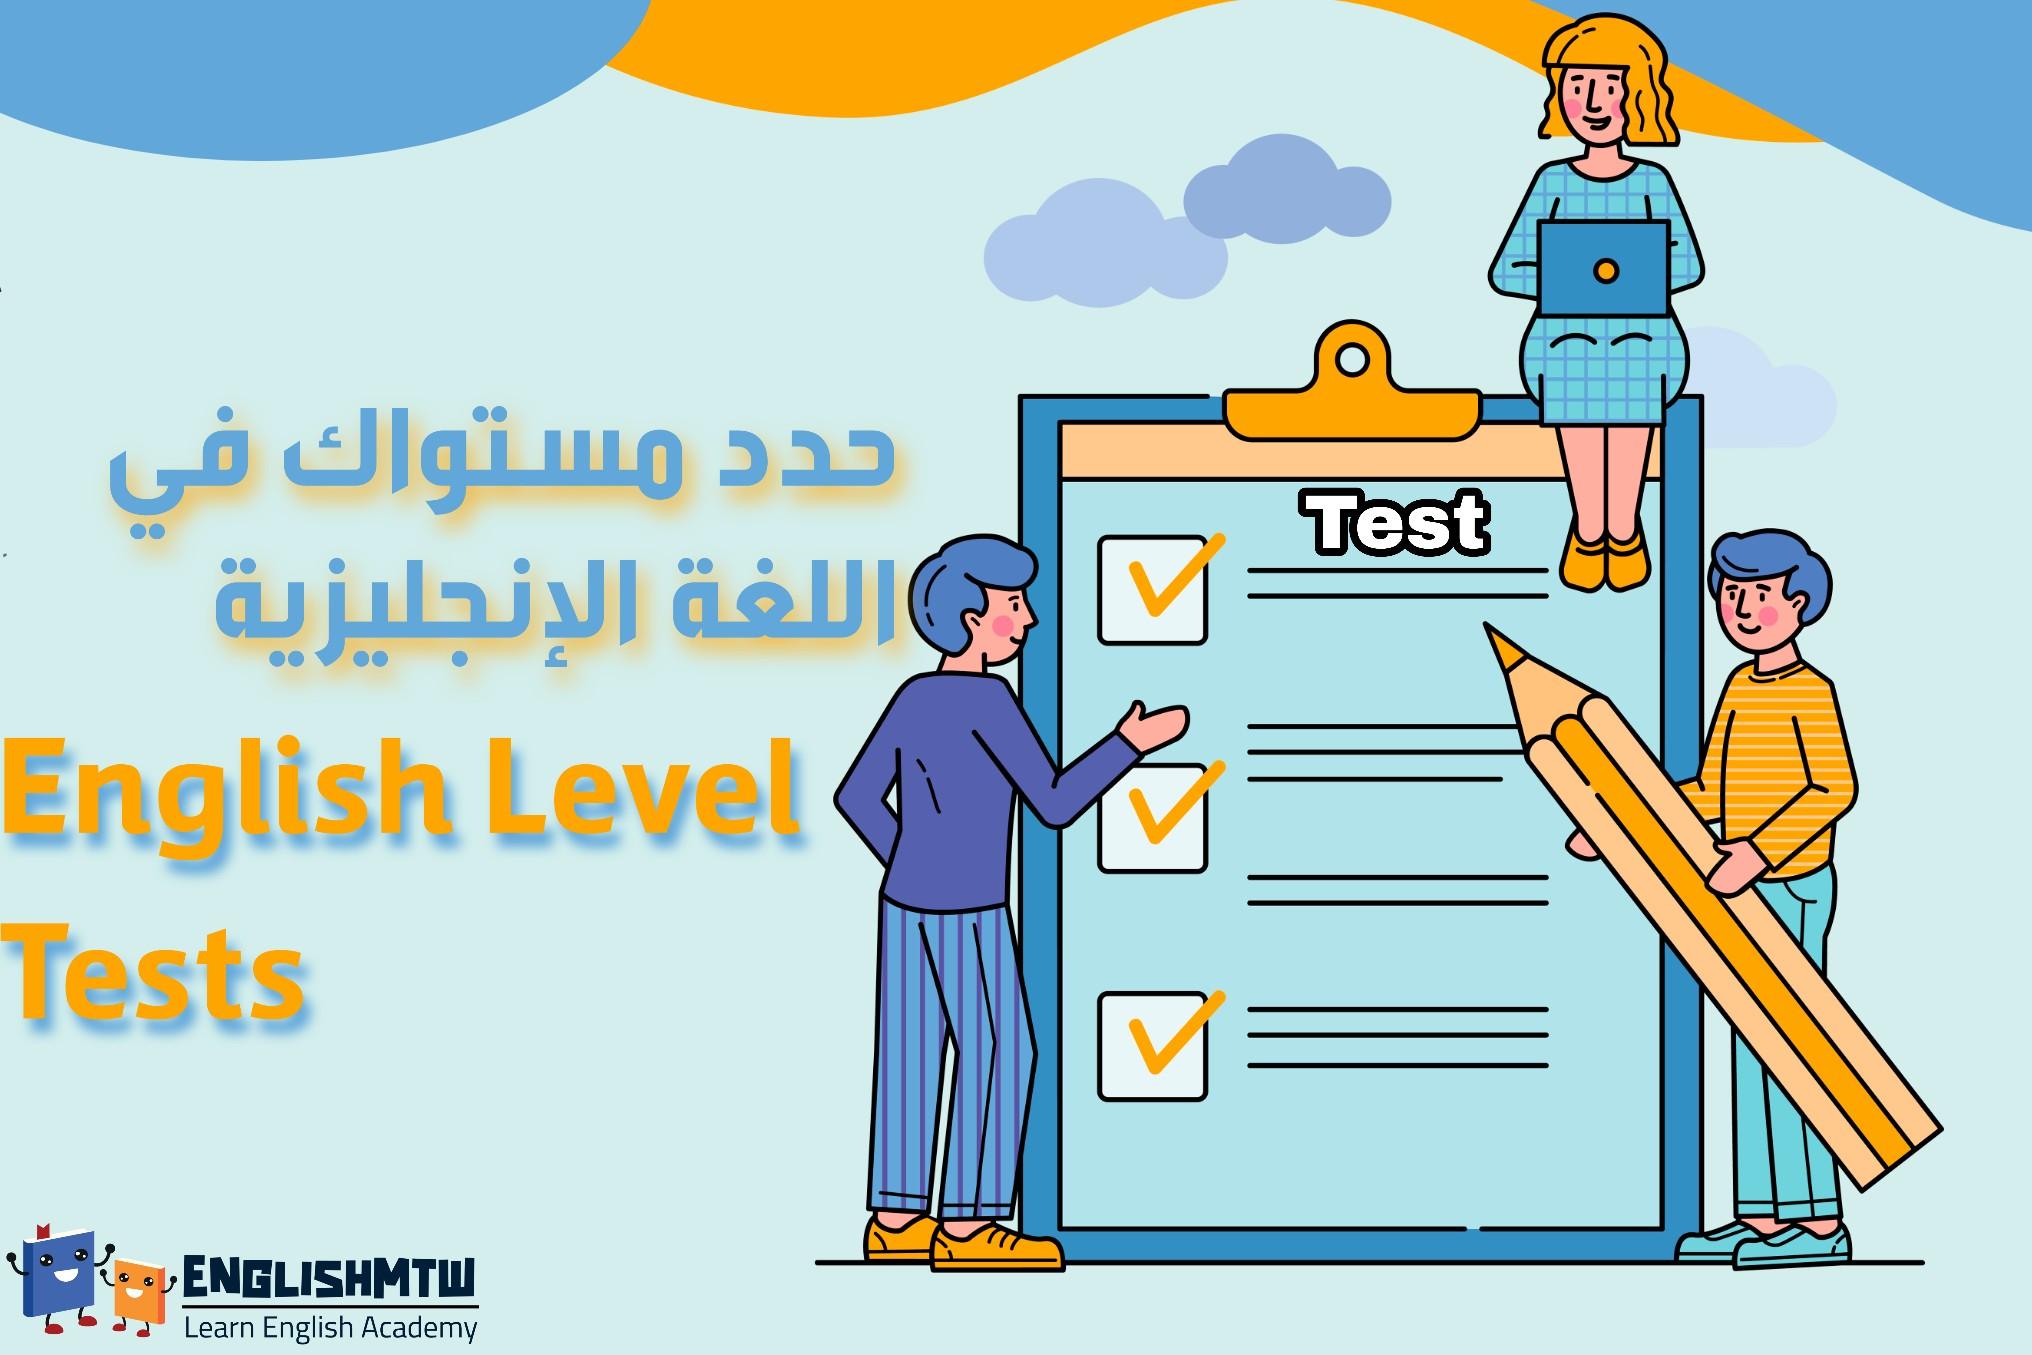 أفضل اختبار تحديد مستوى اللغة الانجليزية مع الاجابة | 9 مواقع اختبارات مجانية على الإنترنت